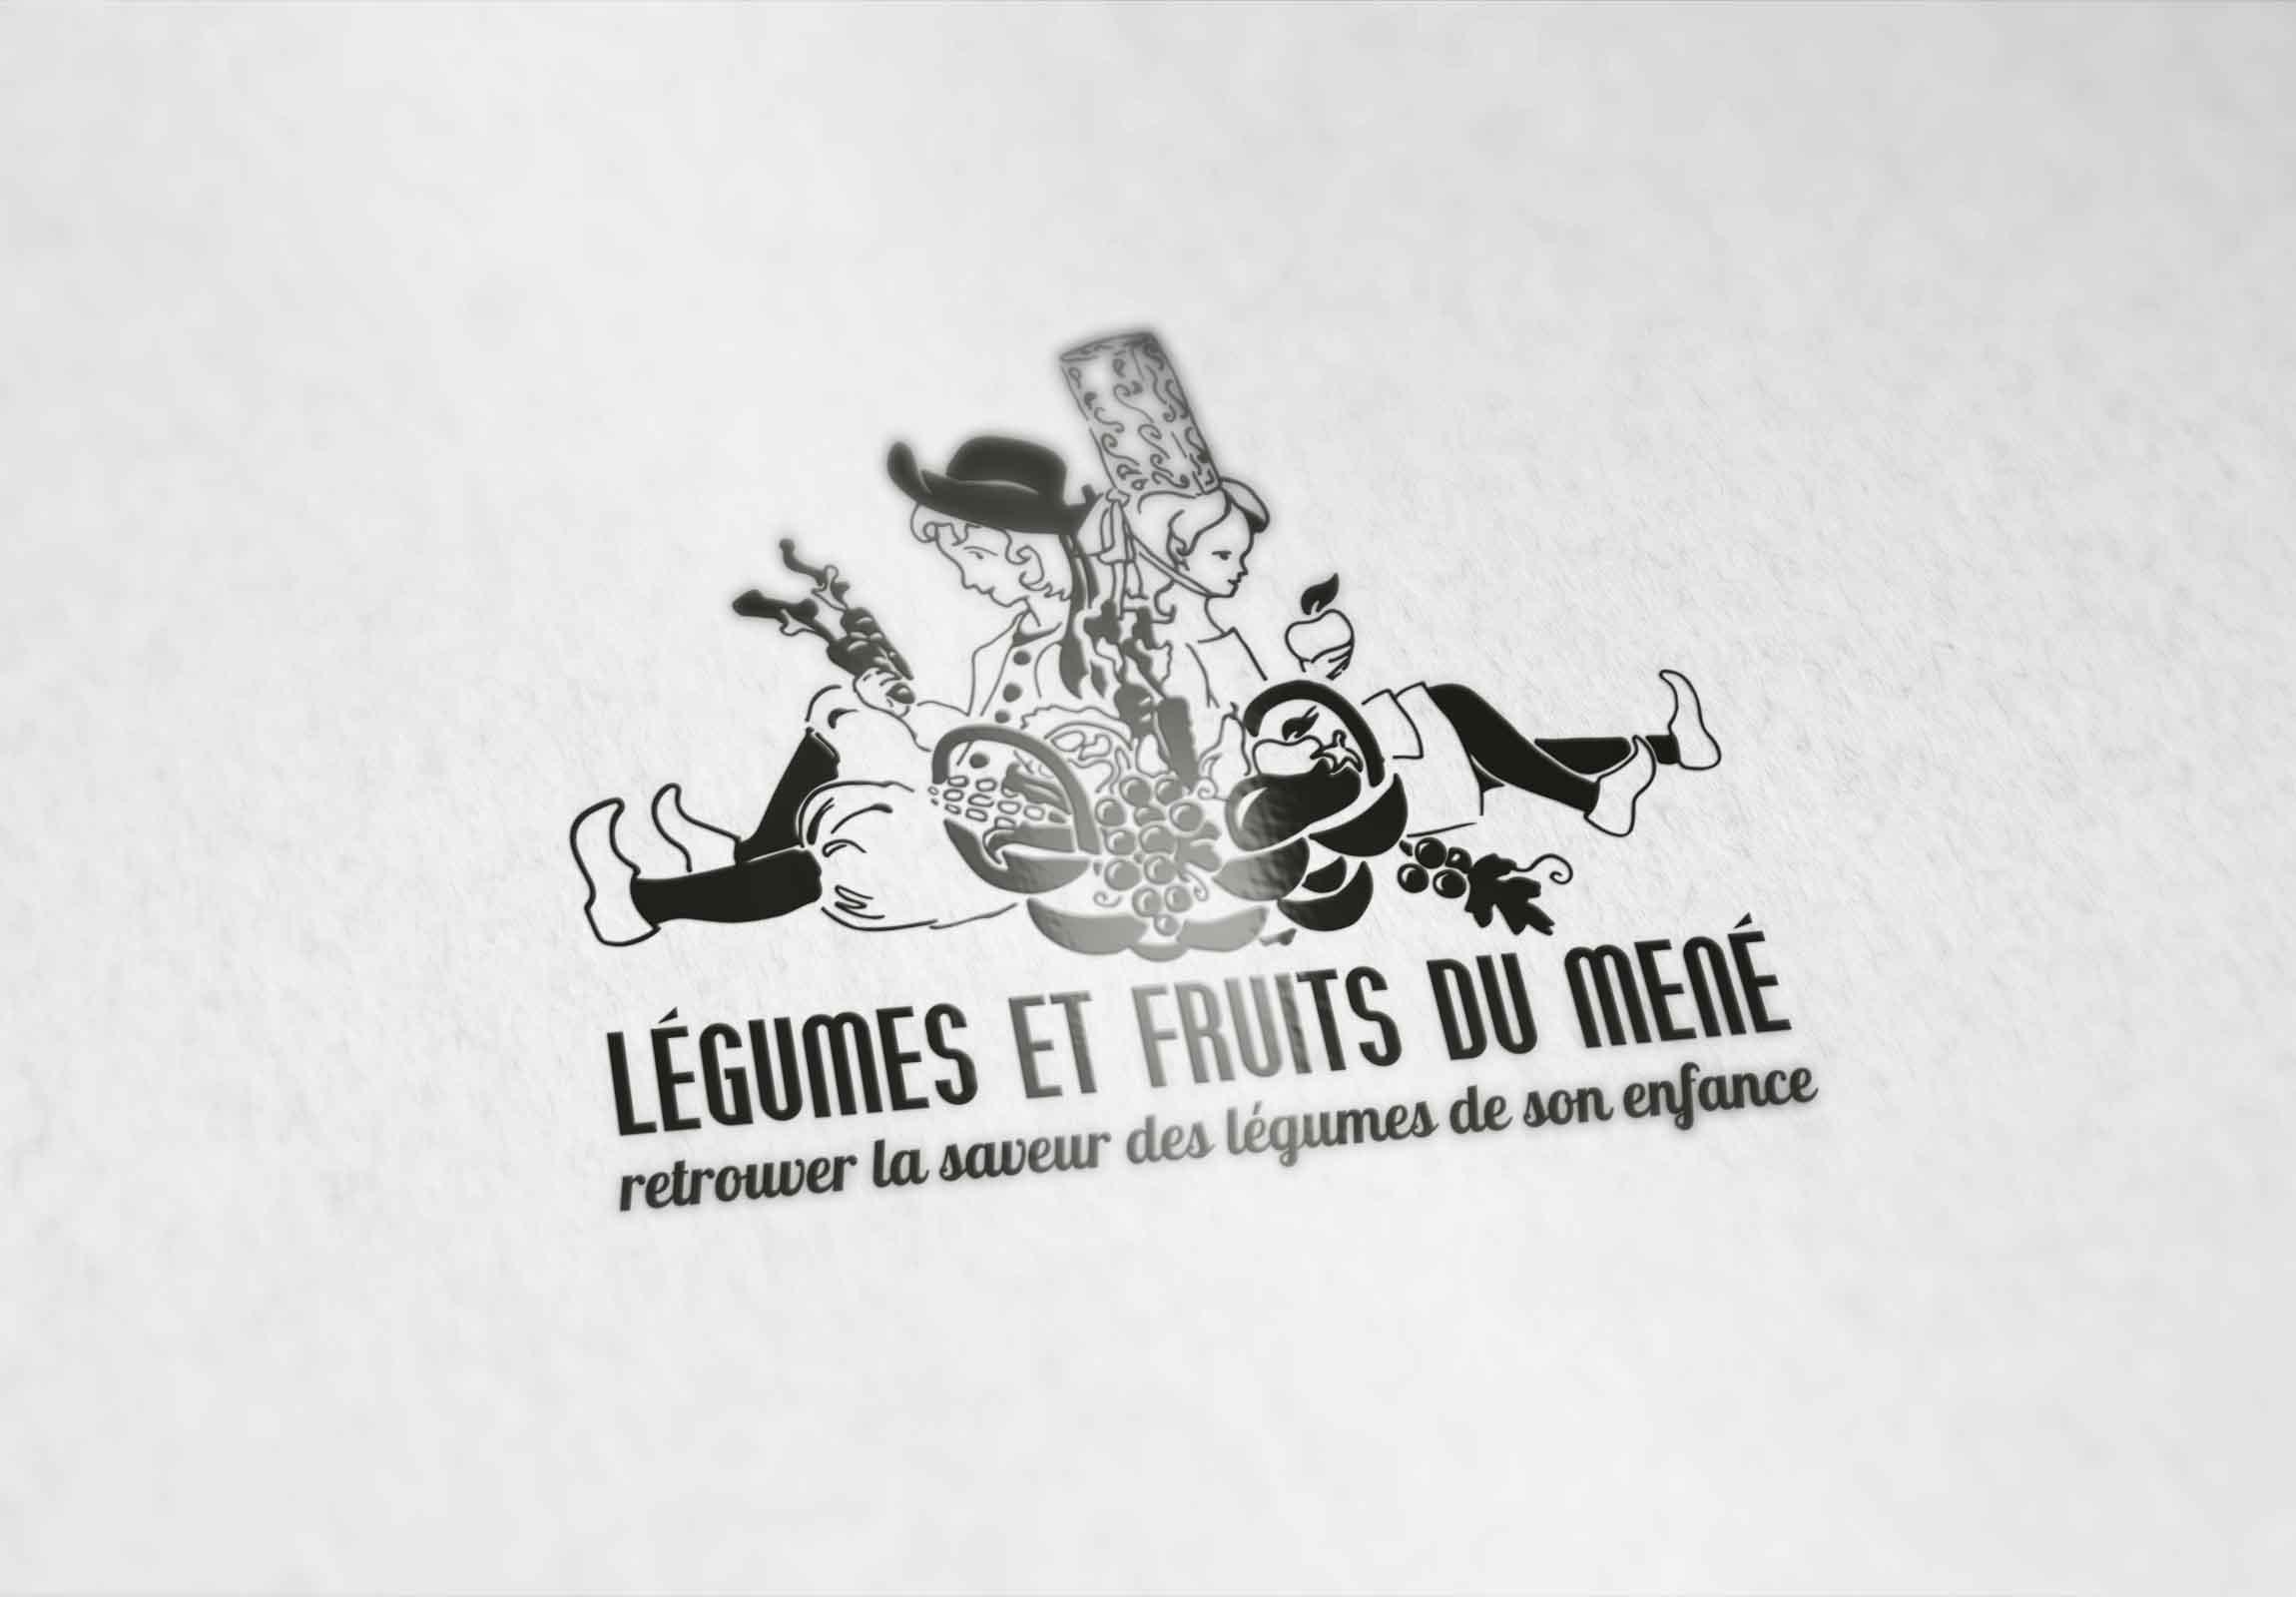 Фото Логотип для французской компании по выращиванию и продажи овощей и фруктов